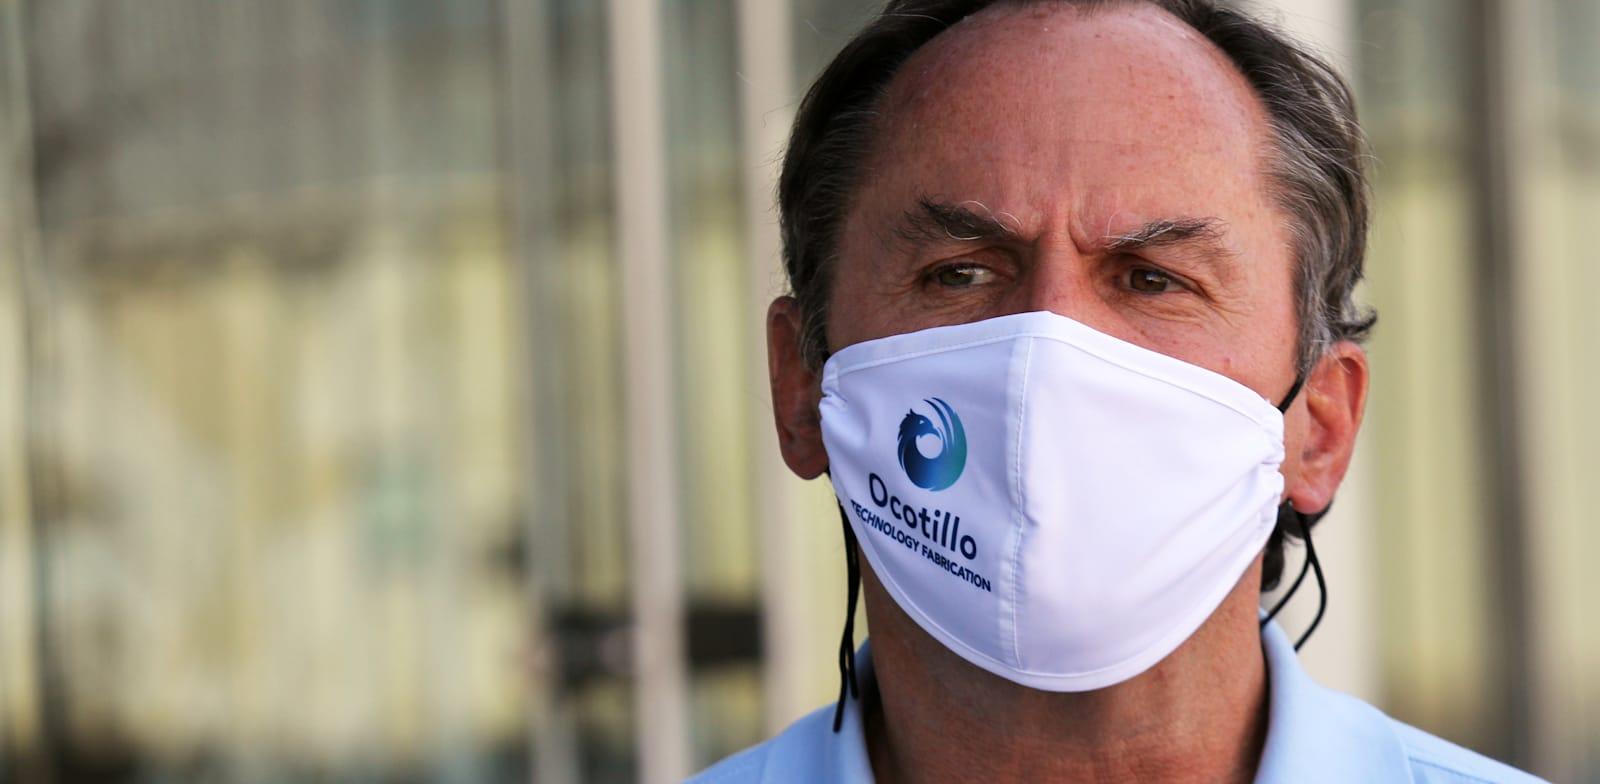 """בוב סוואן, מנכ""""ל אינטל היוצא / צילום: Reuters, Nathan Frandino"""